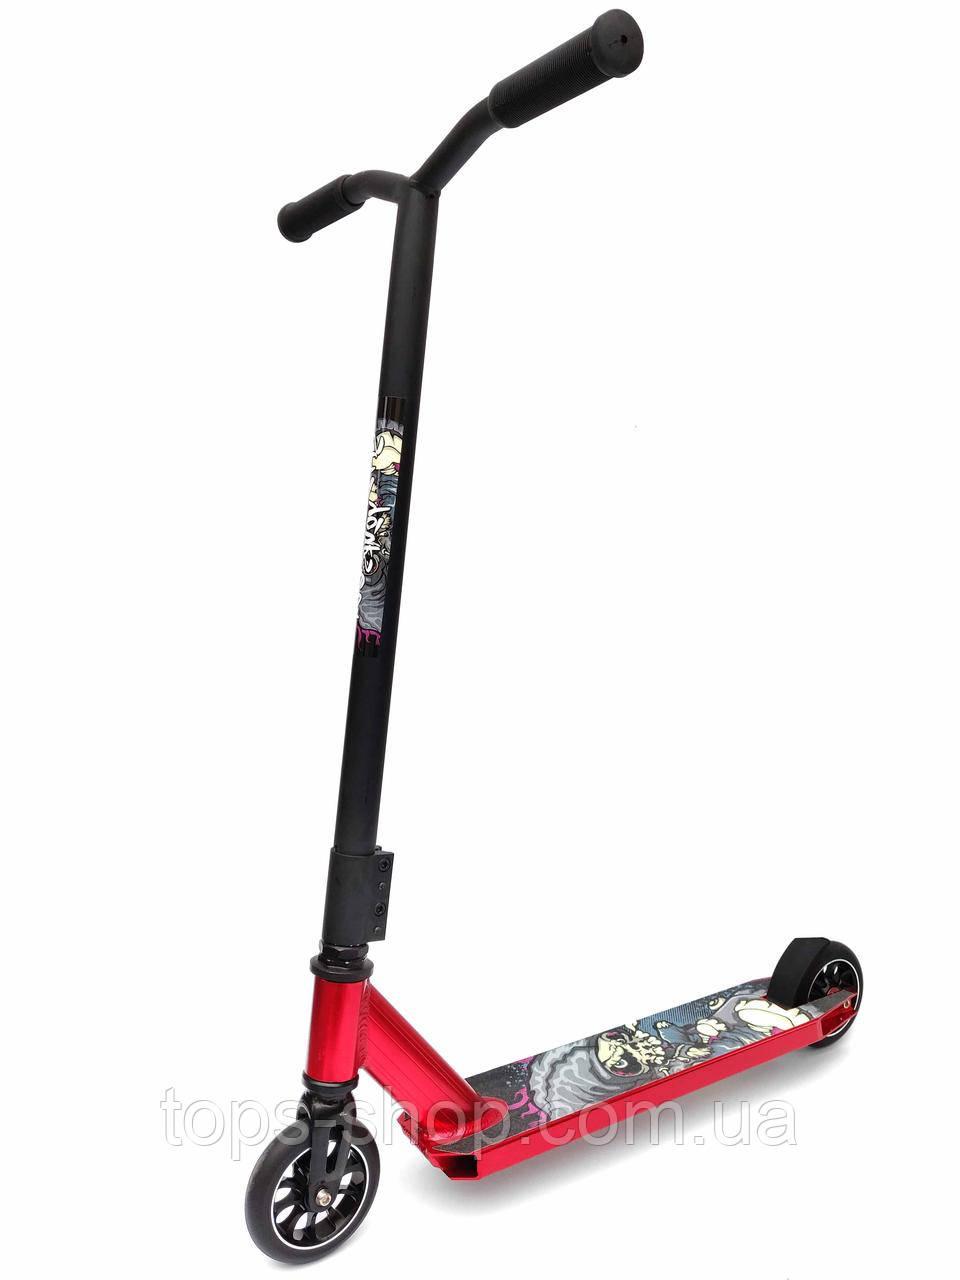 Трюковый Самокат от Scooter – Aluminium Stunt 060Y, 110 мм Красный , колеса литые алюминий /полиуретан